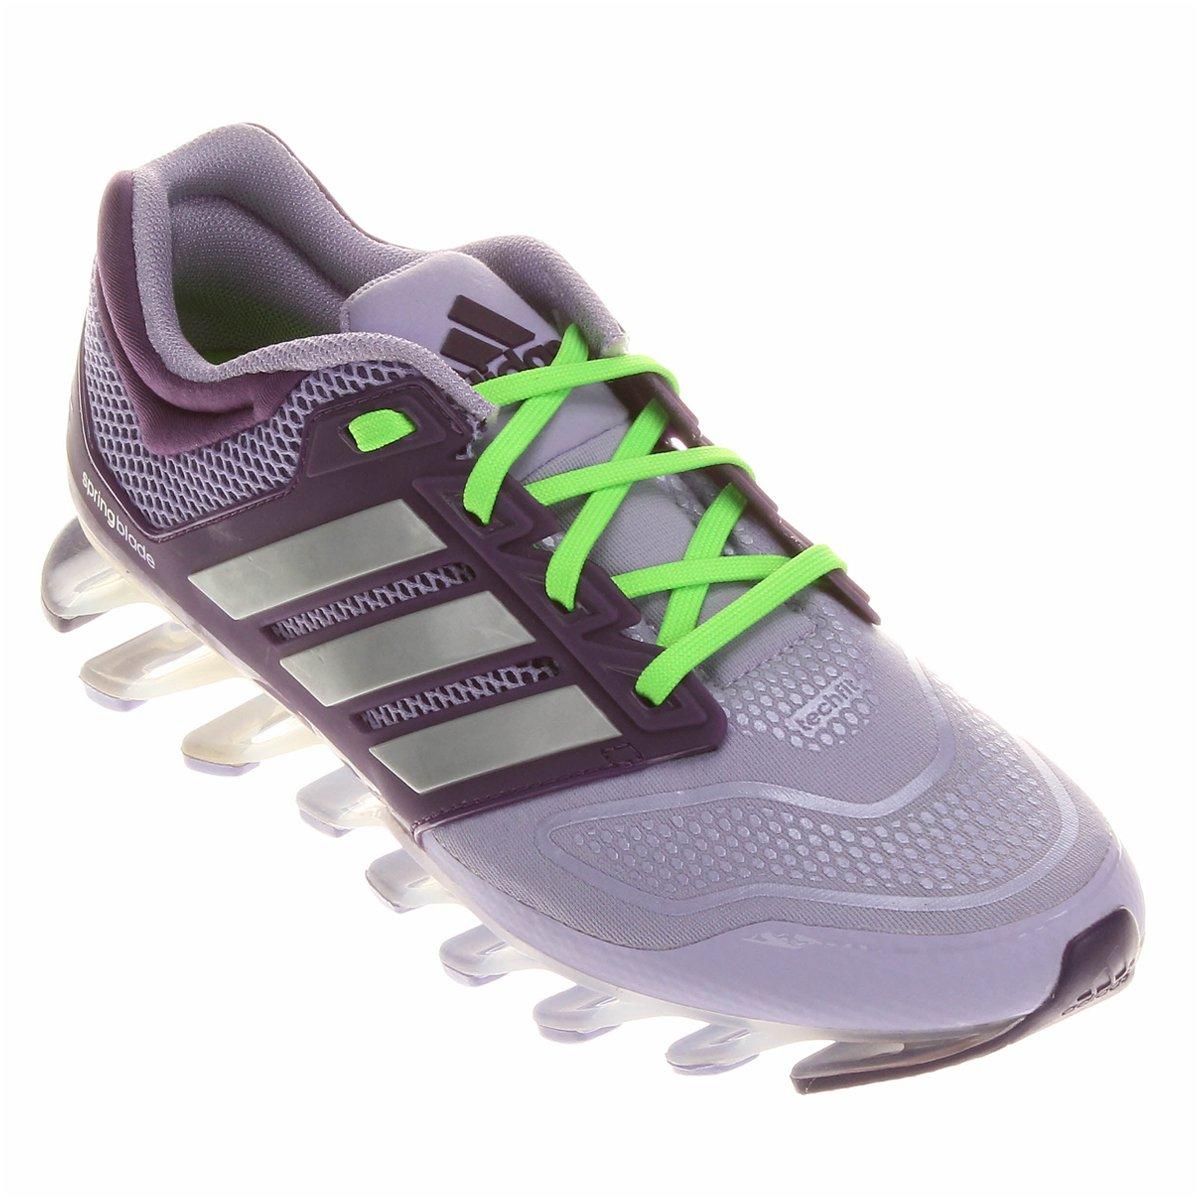 c6d500eef83 ... czech o produto tênis adidas springblade 2 tech fit feminino roxo e  lilás acabou. c31a2